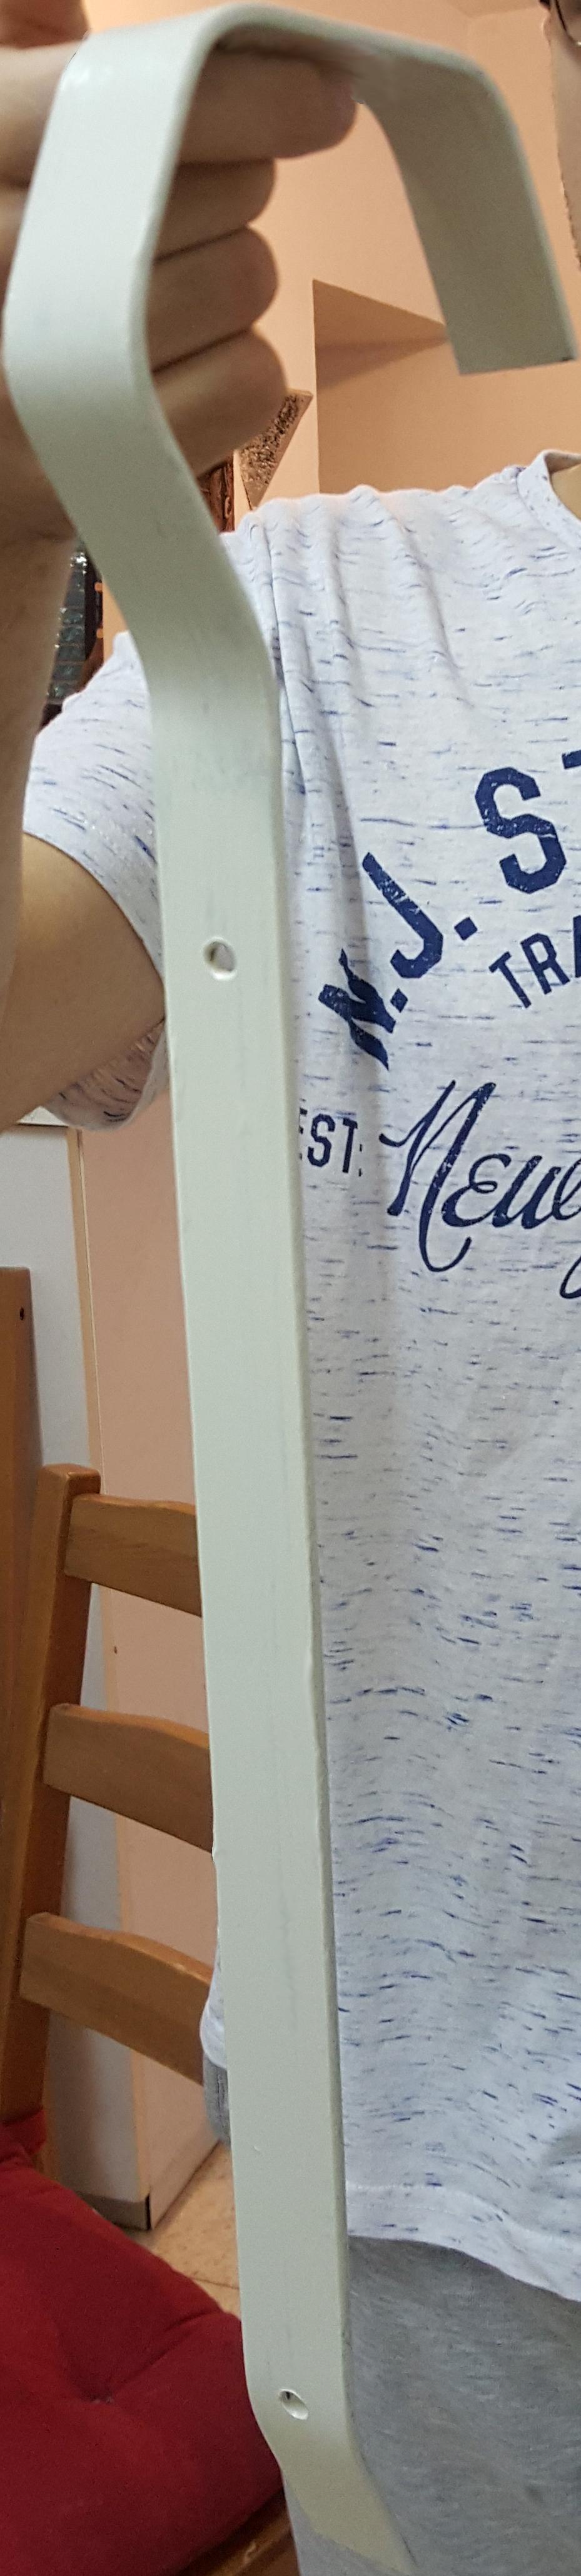 מתלה למעקה - Guardrail Hanger 7290016228496